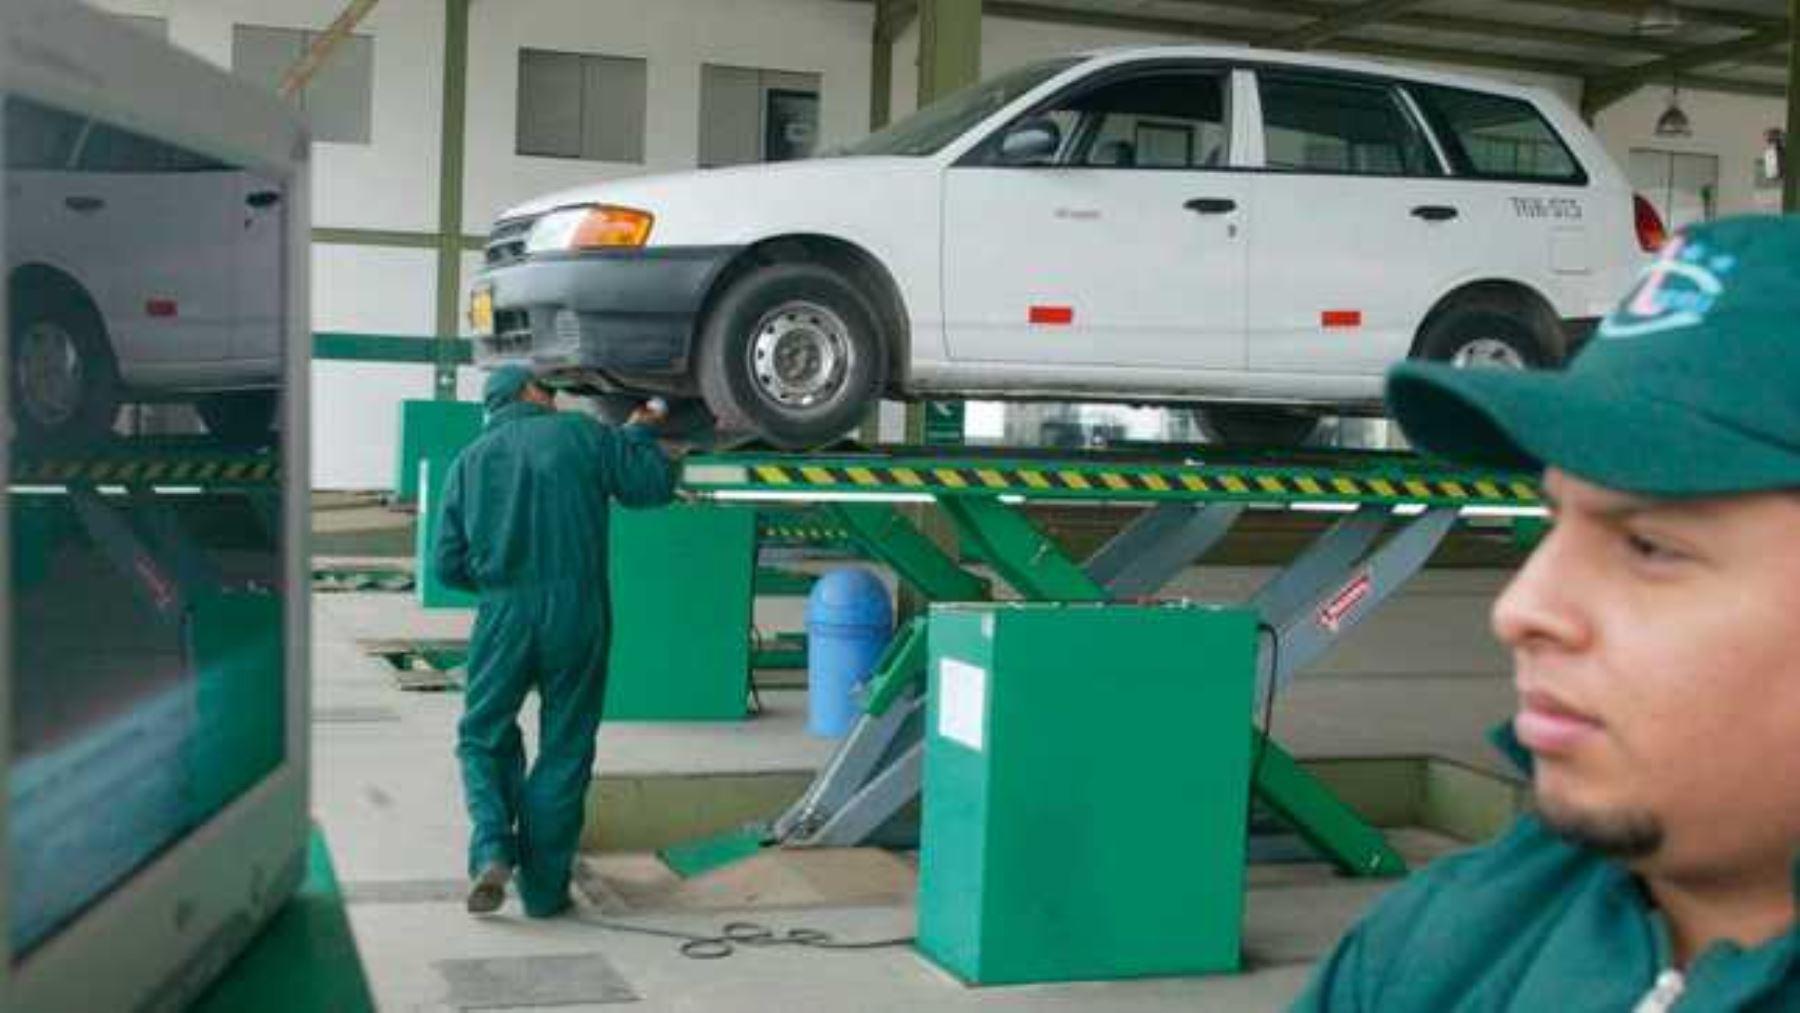 sutran-vigencia-de-certificados-de-inspeccion-tecnica-vehicular-se-amplio-hasta-abril